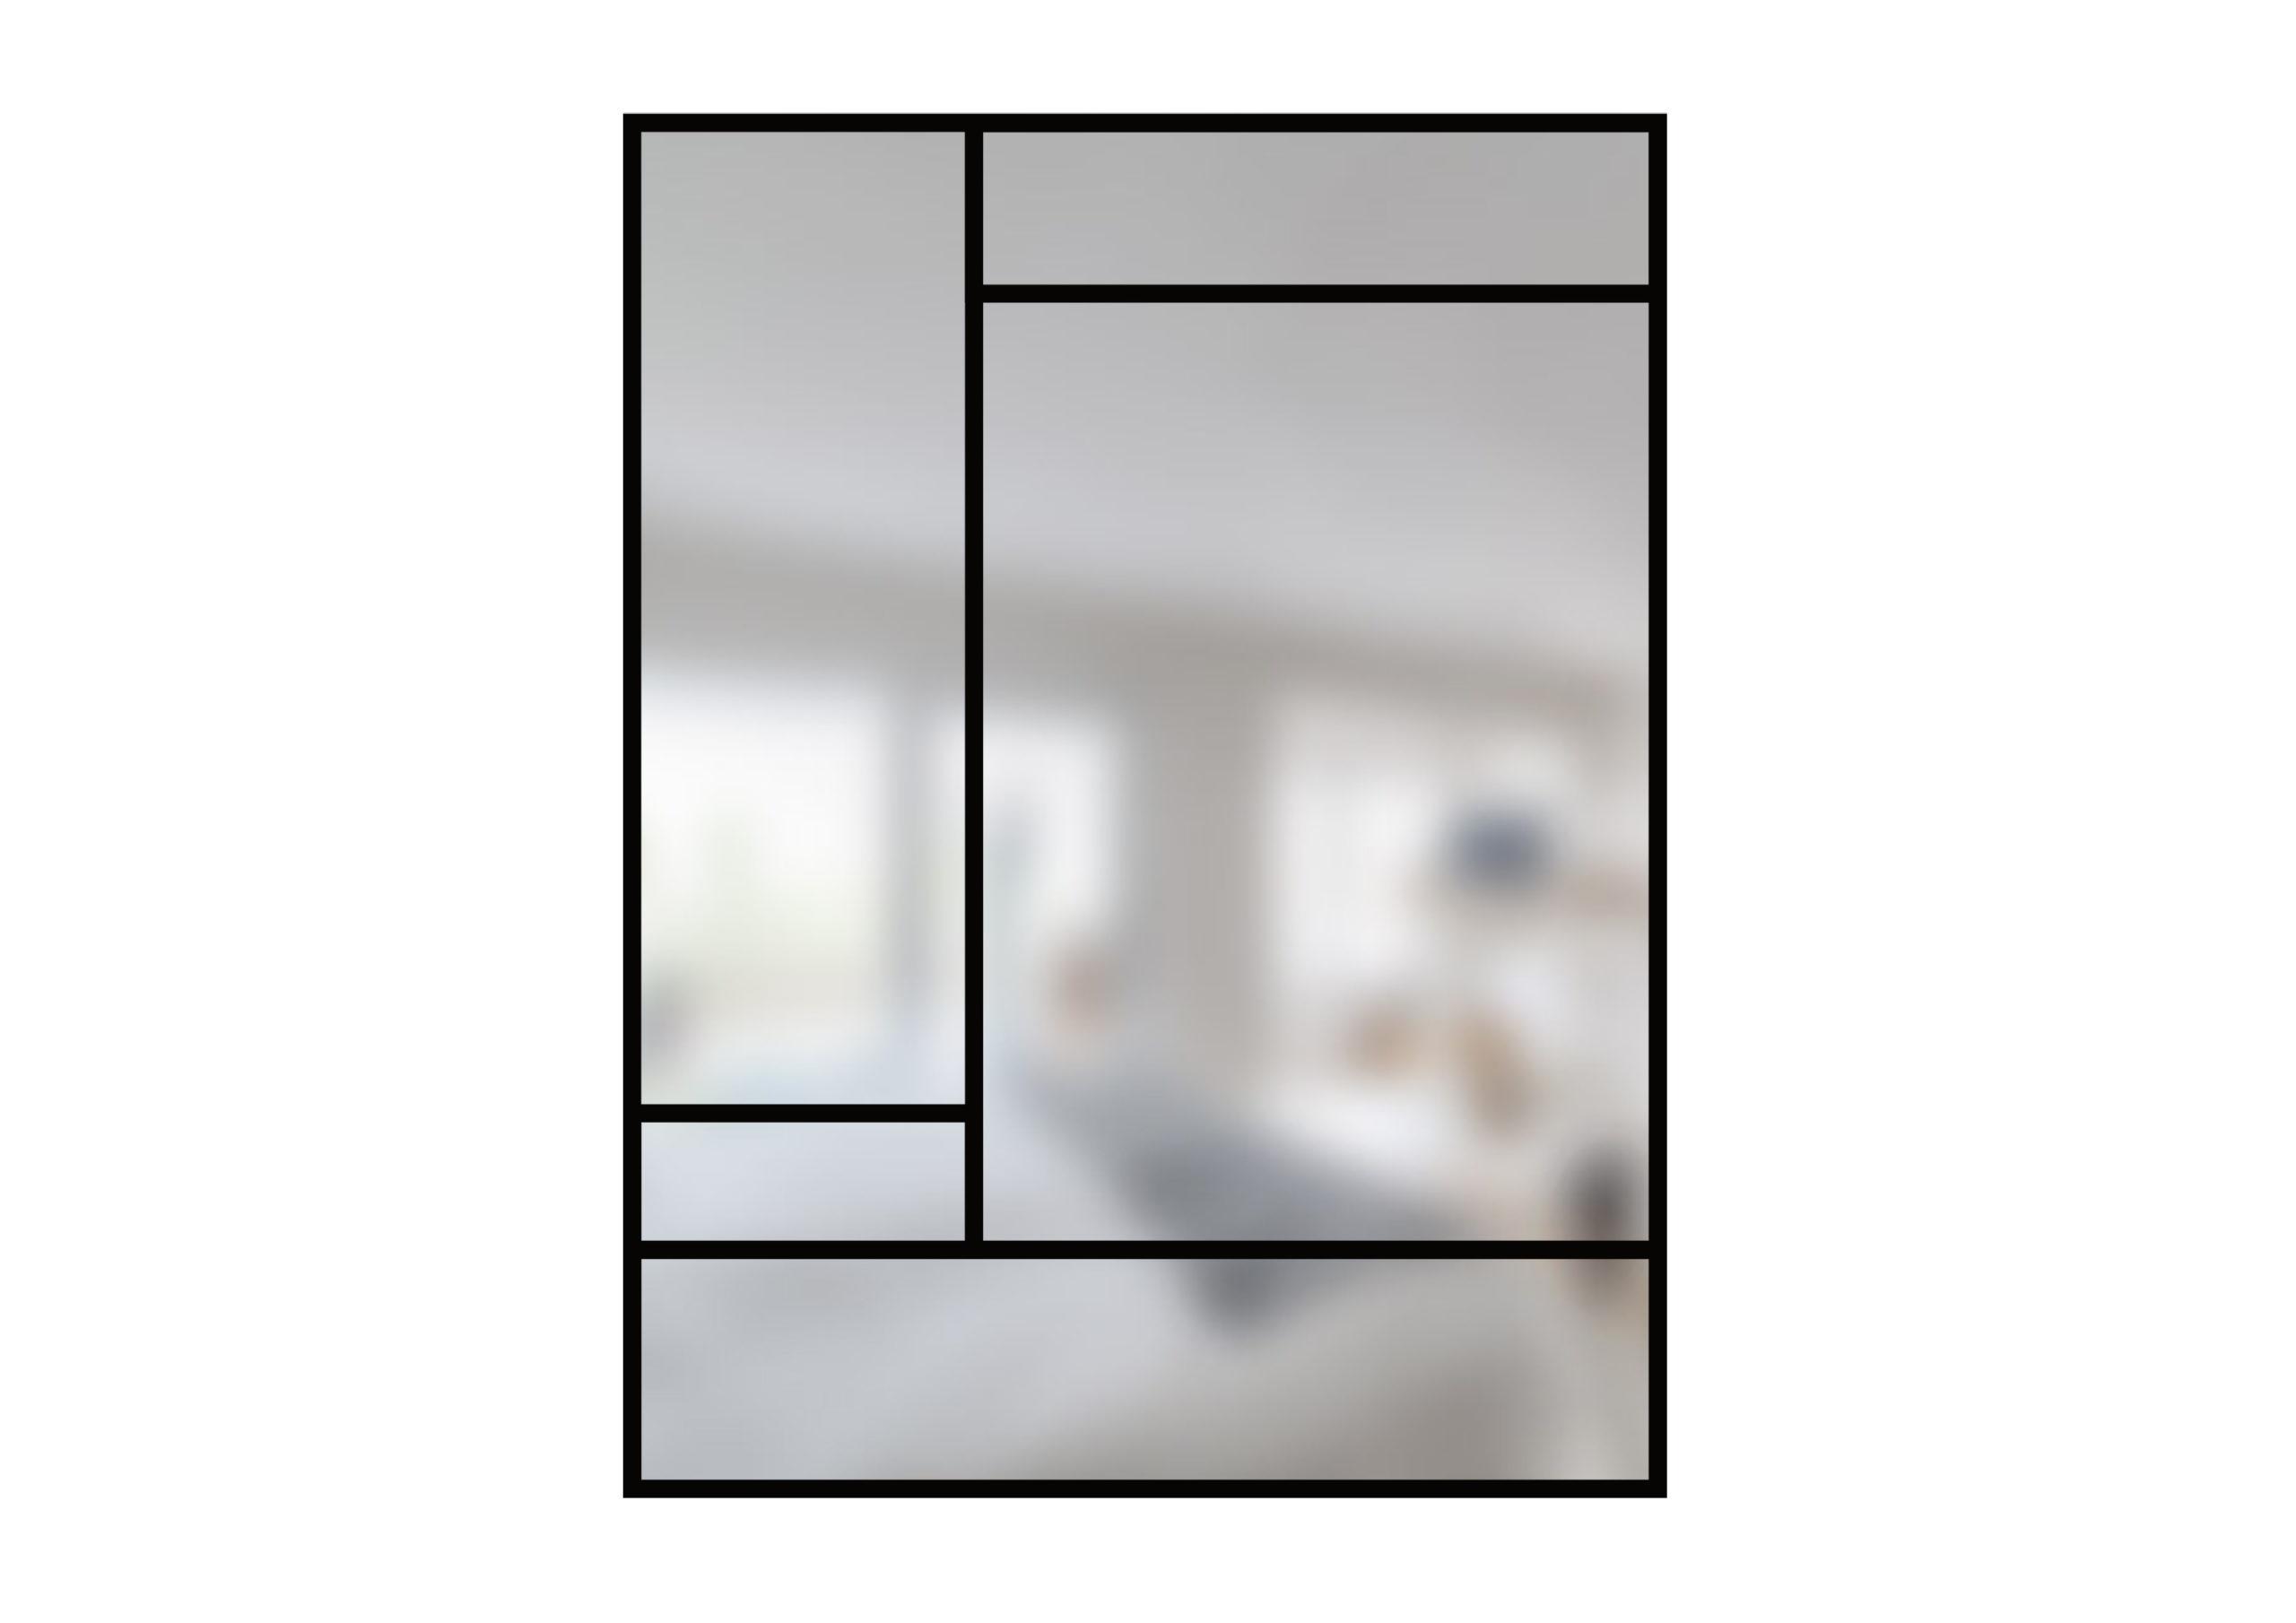 ARTMETA verrière art deco de 5 verres N°1